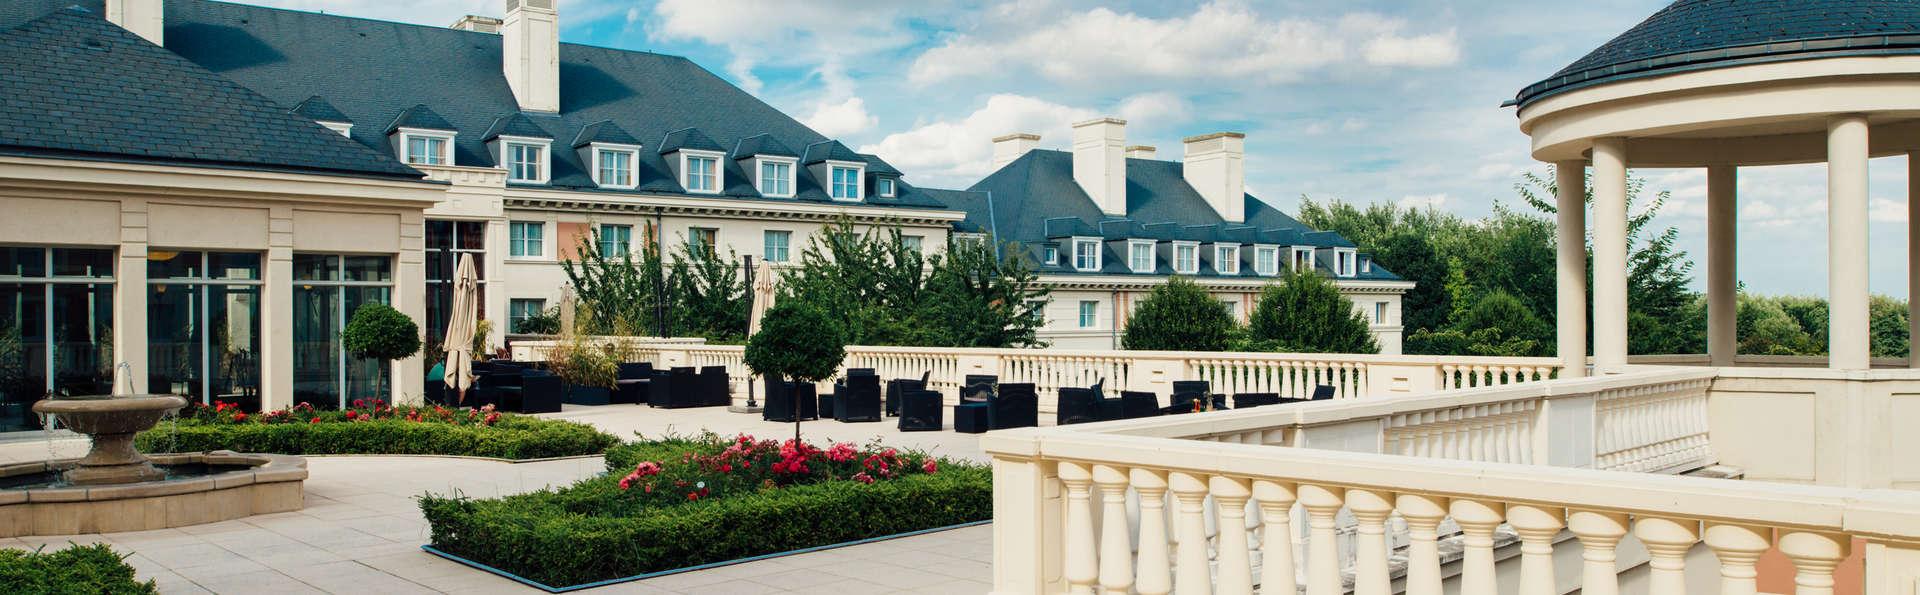 Vienna House Dream Castle Hotel Paris H Tel De Charme